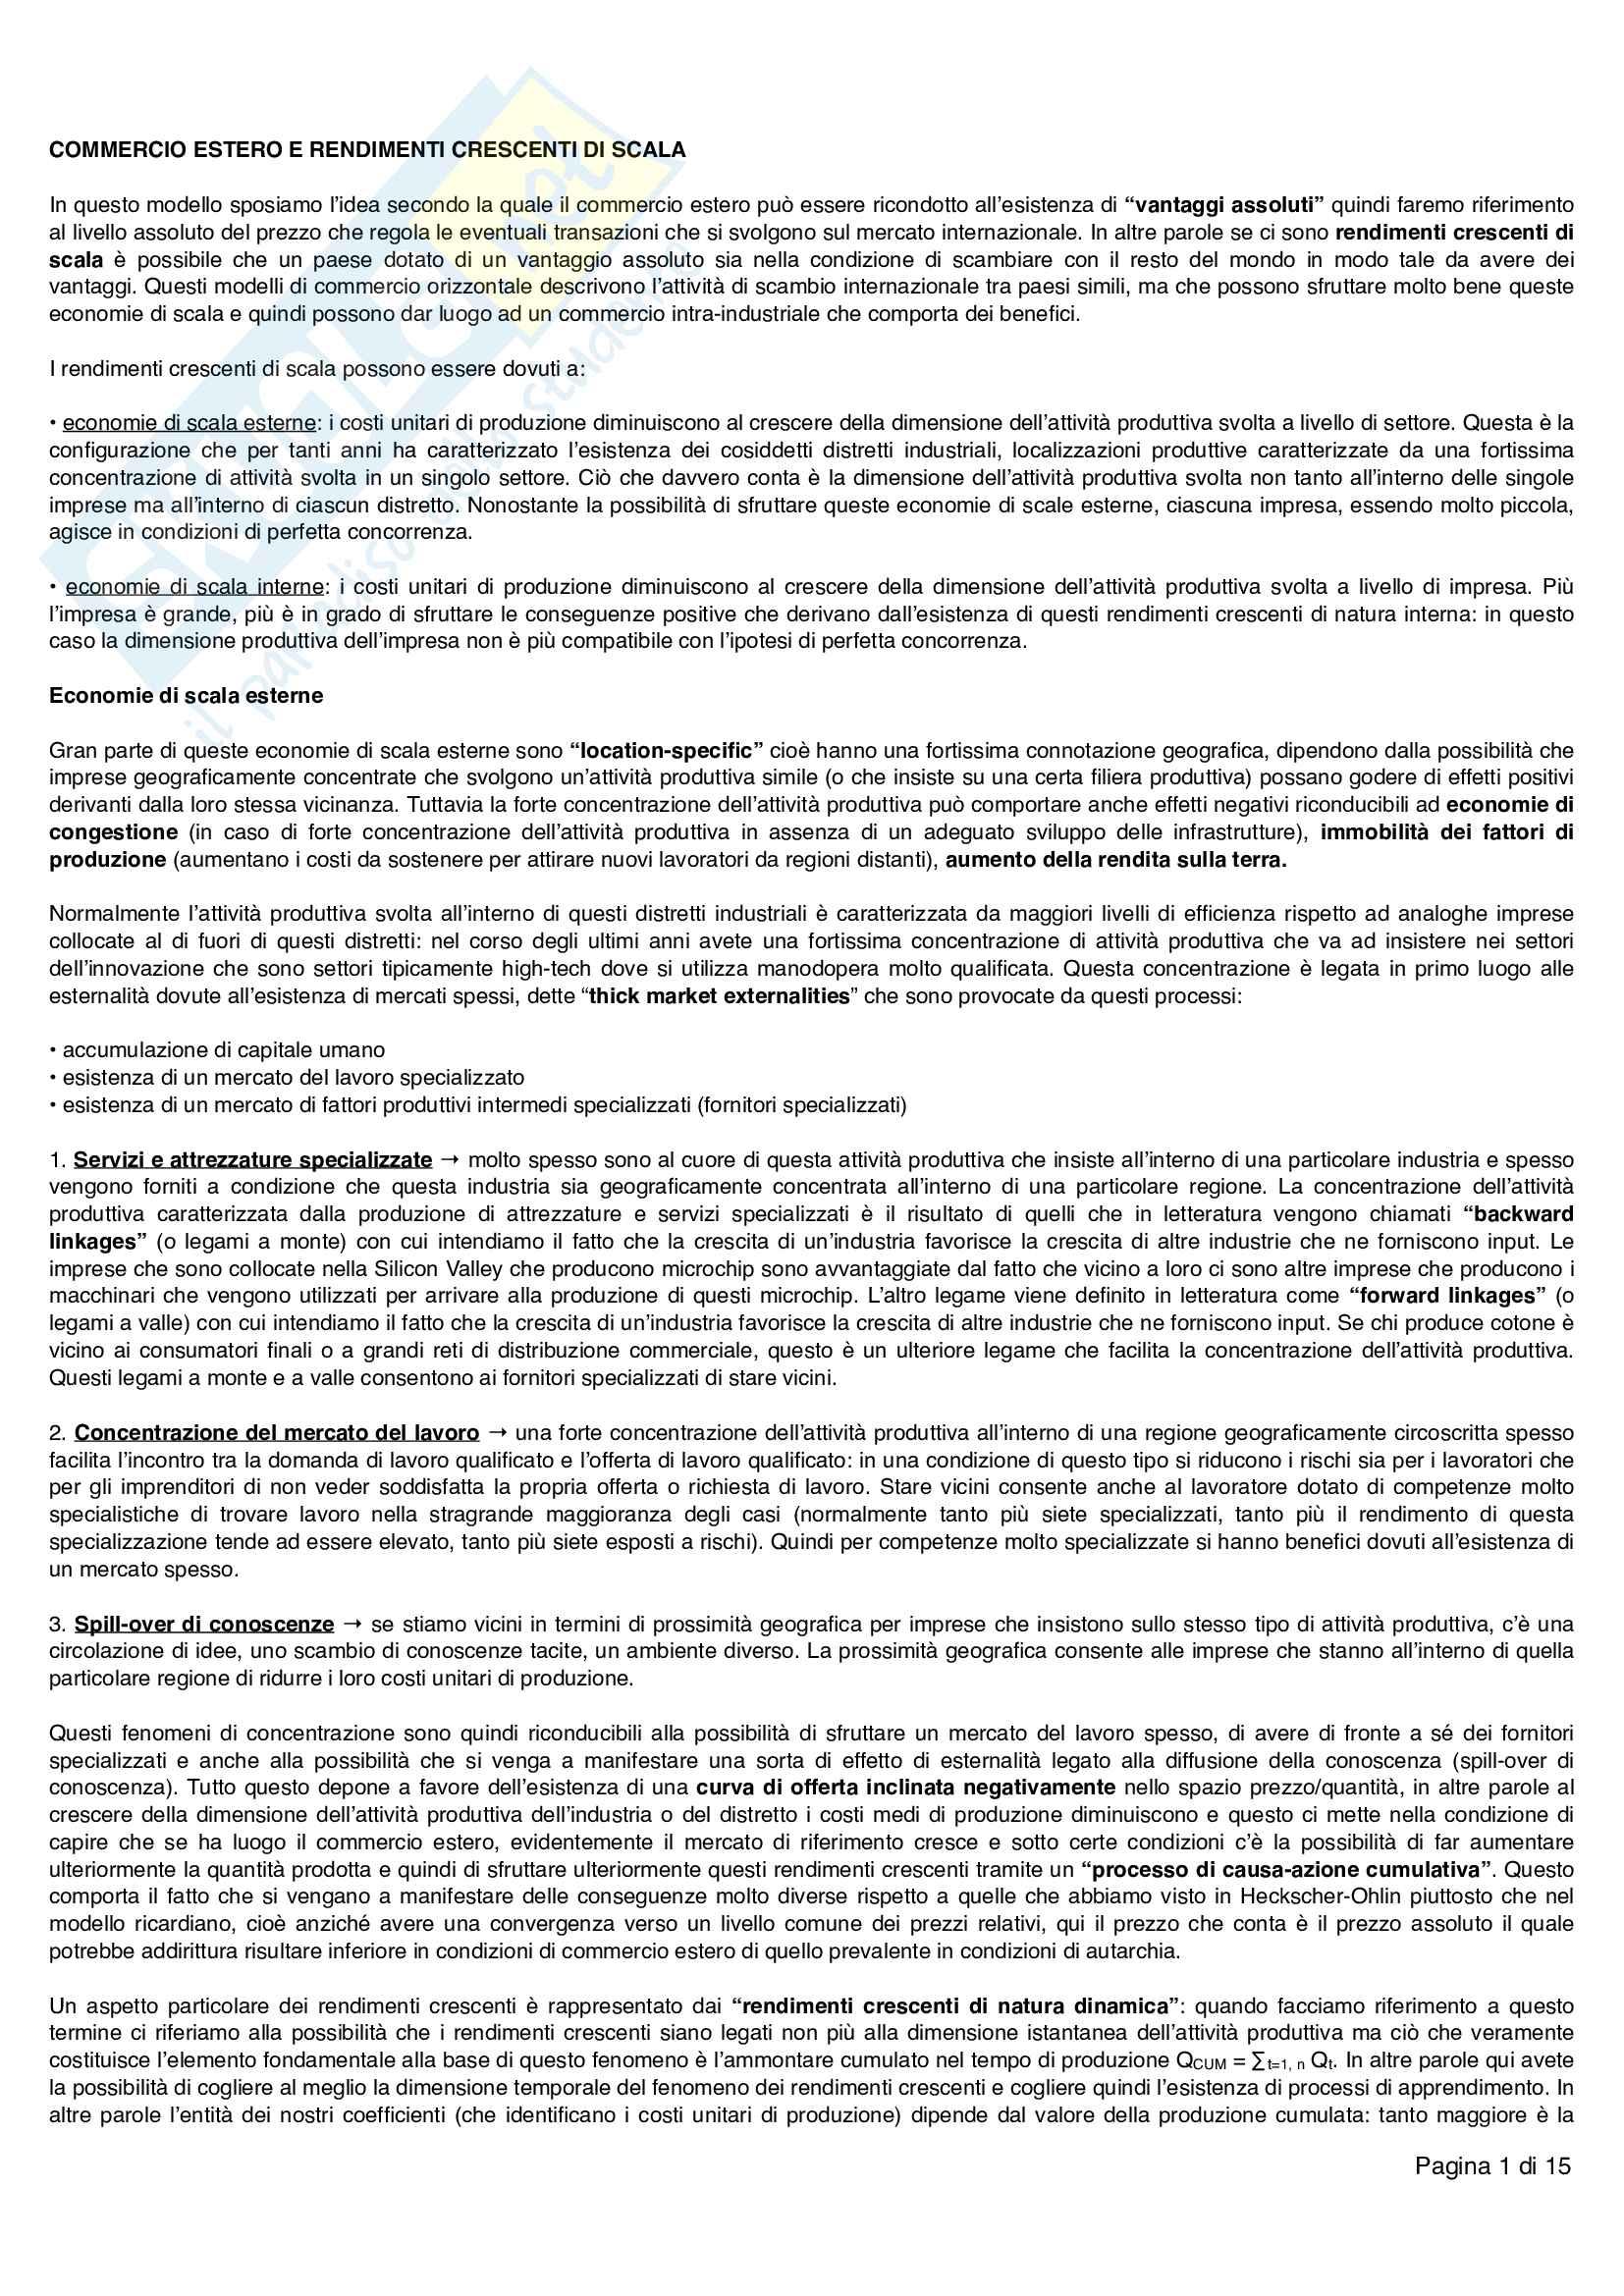 Economia internazionale primo parziale, prof. Marco Angelo Lossani